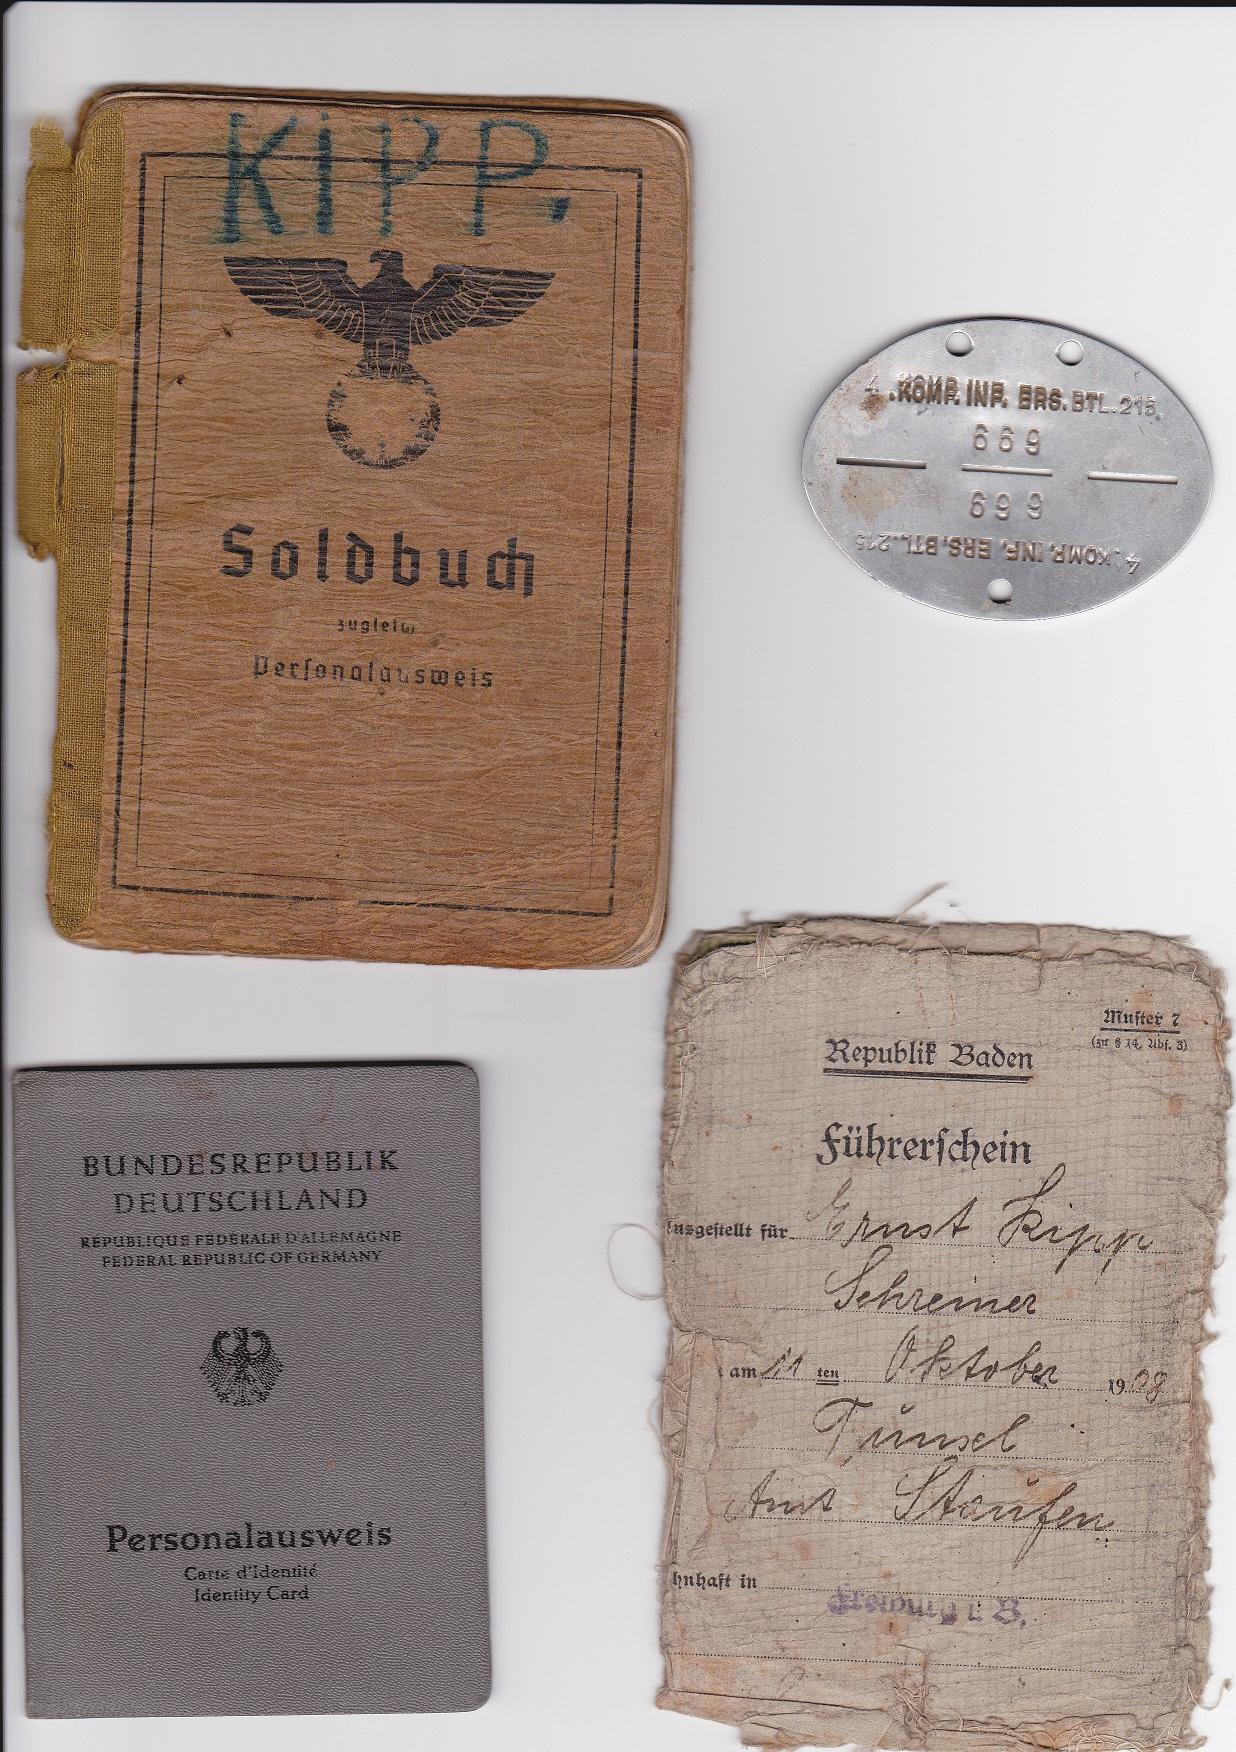 Carte Militaire Allemande Ww2.Solbuch Papier Plaque D Identitee D Un Soldat Allemand Ww2